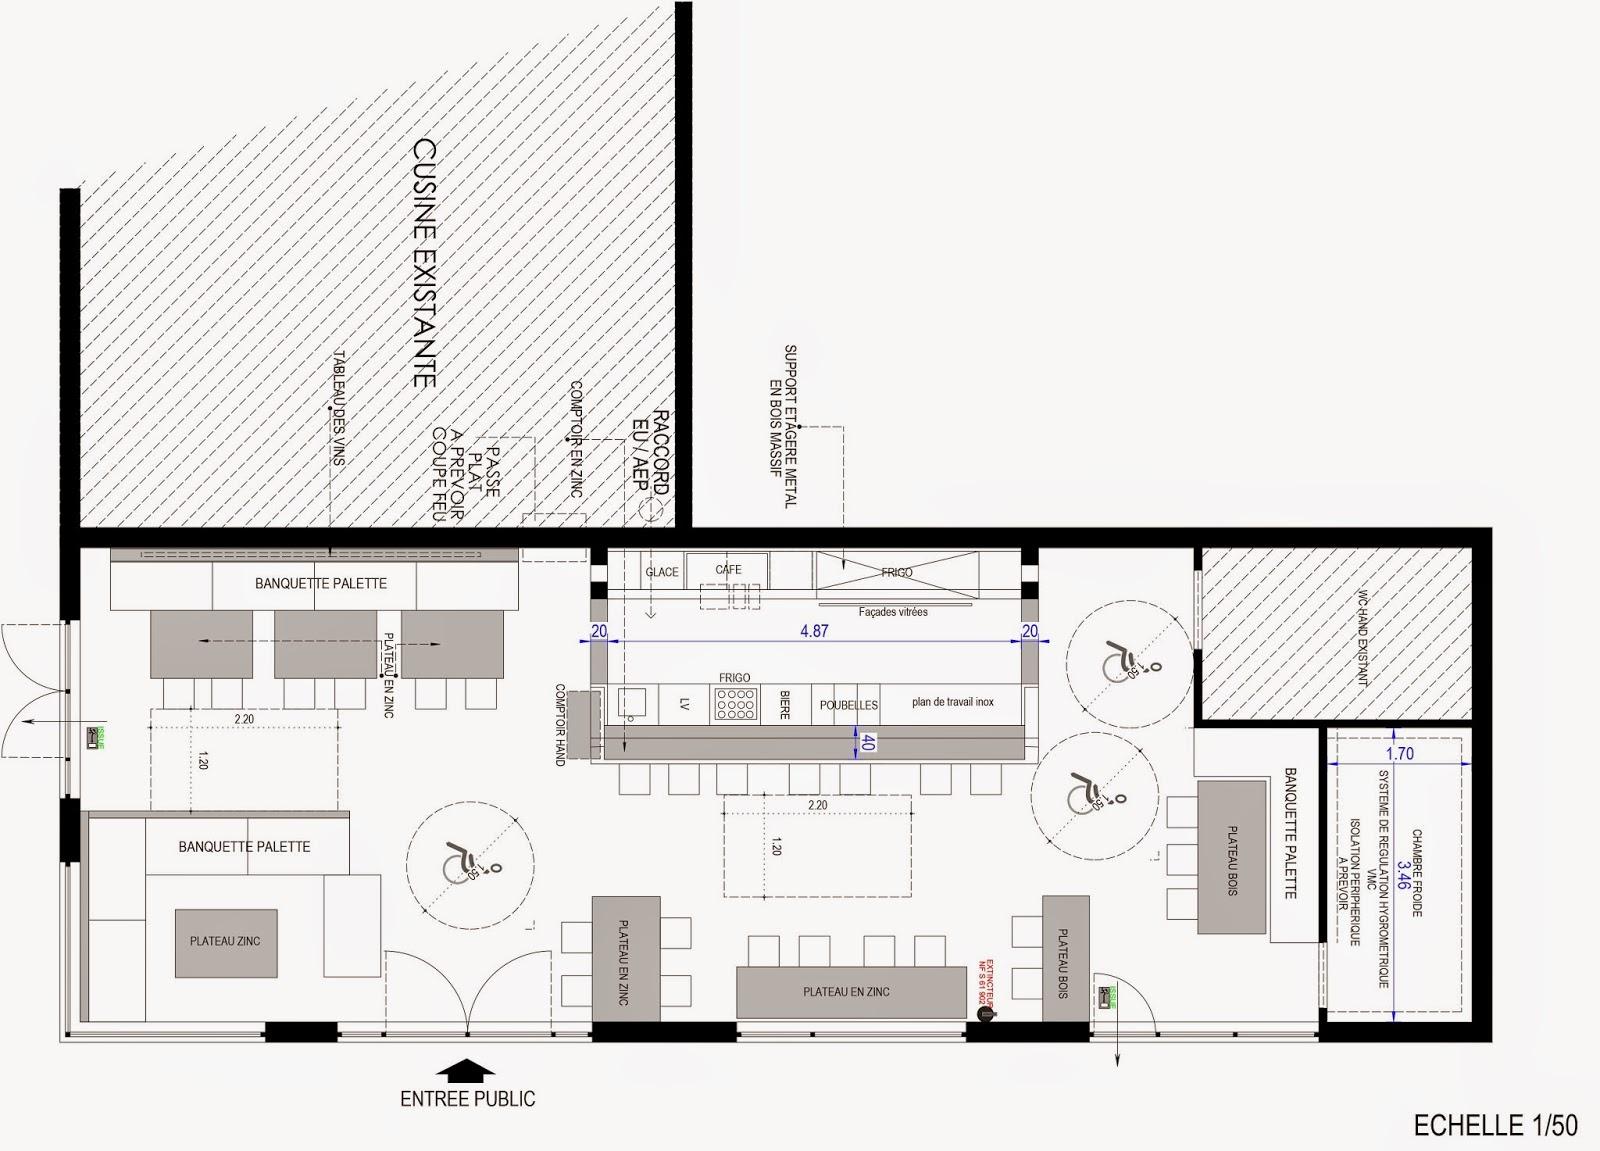 caroline lesbats architecte pays basque et landes bar. Black Bedroom Furniture Sets. Home Design Ideas